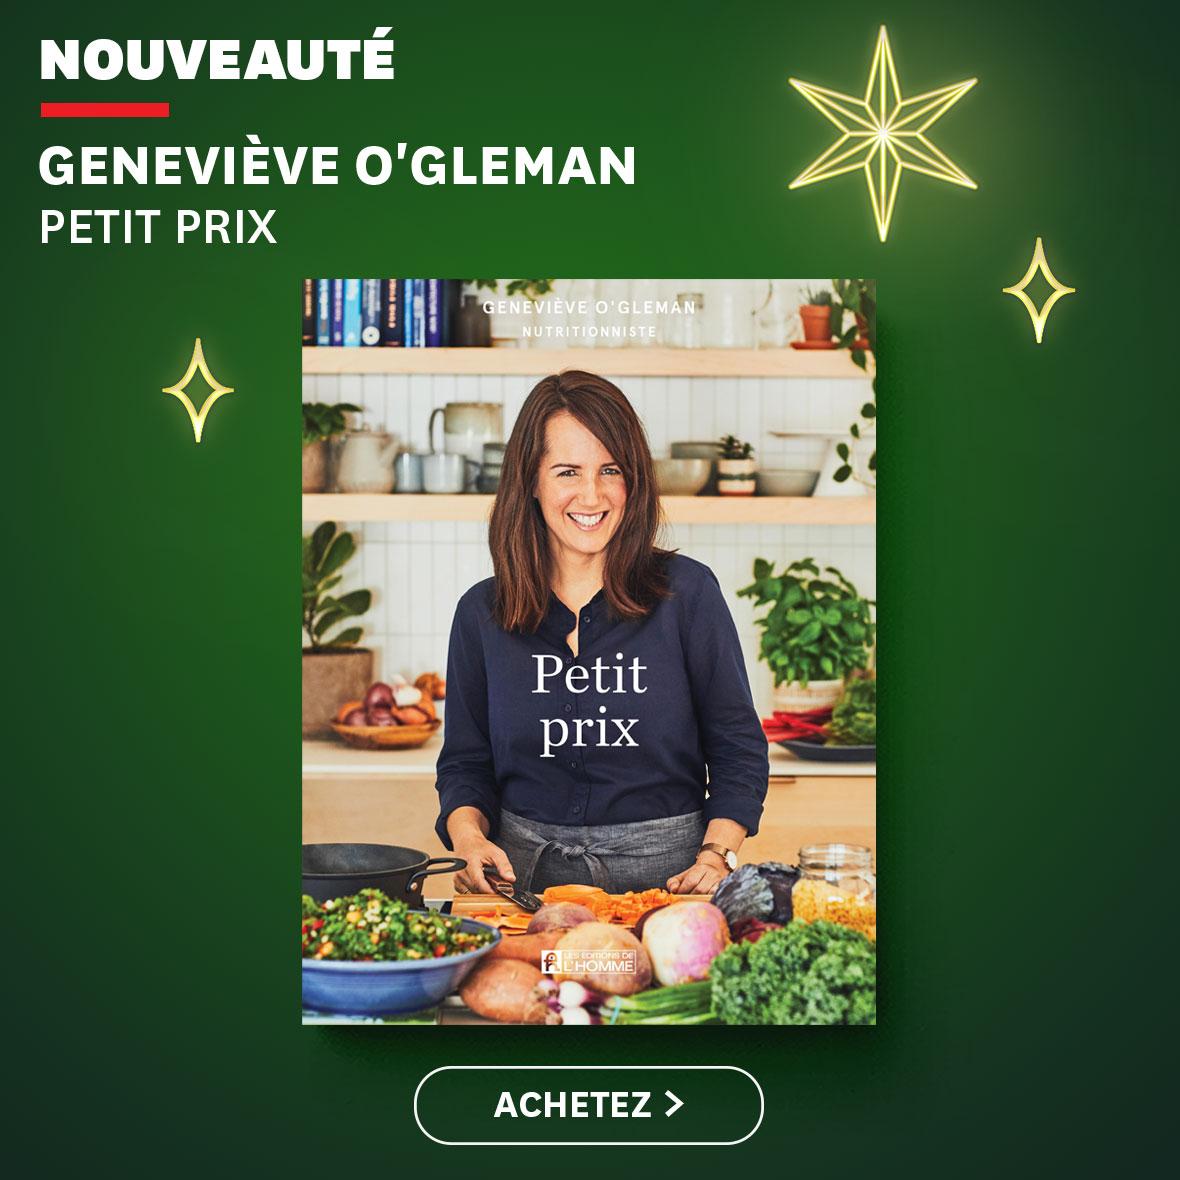 Nouveauté : Petit prix - Geneviève O'Gleman